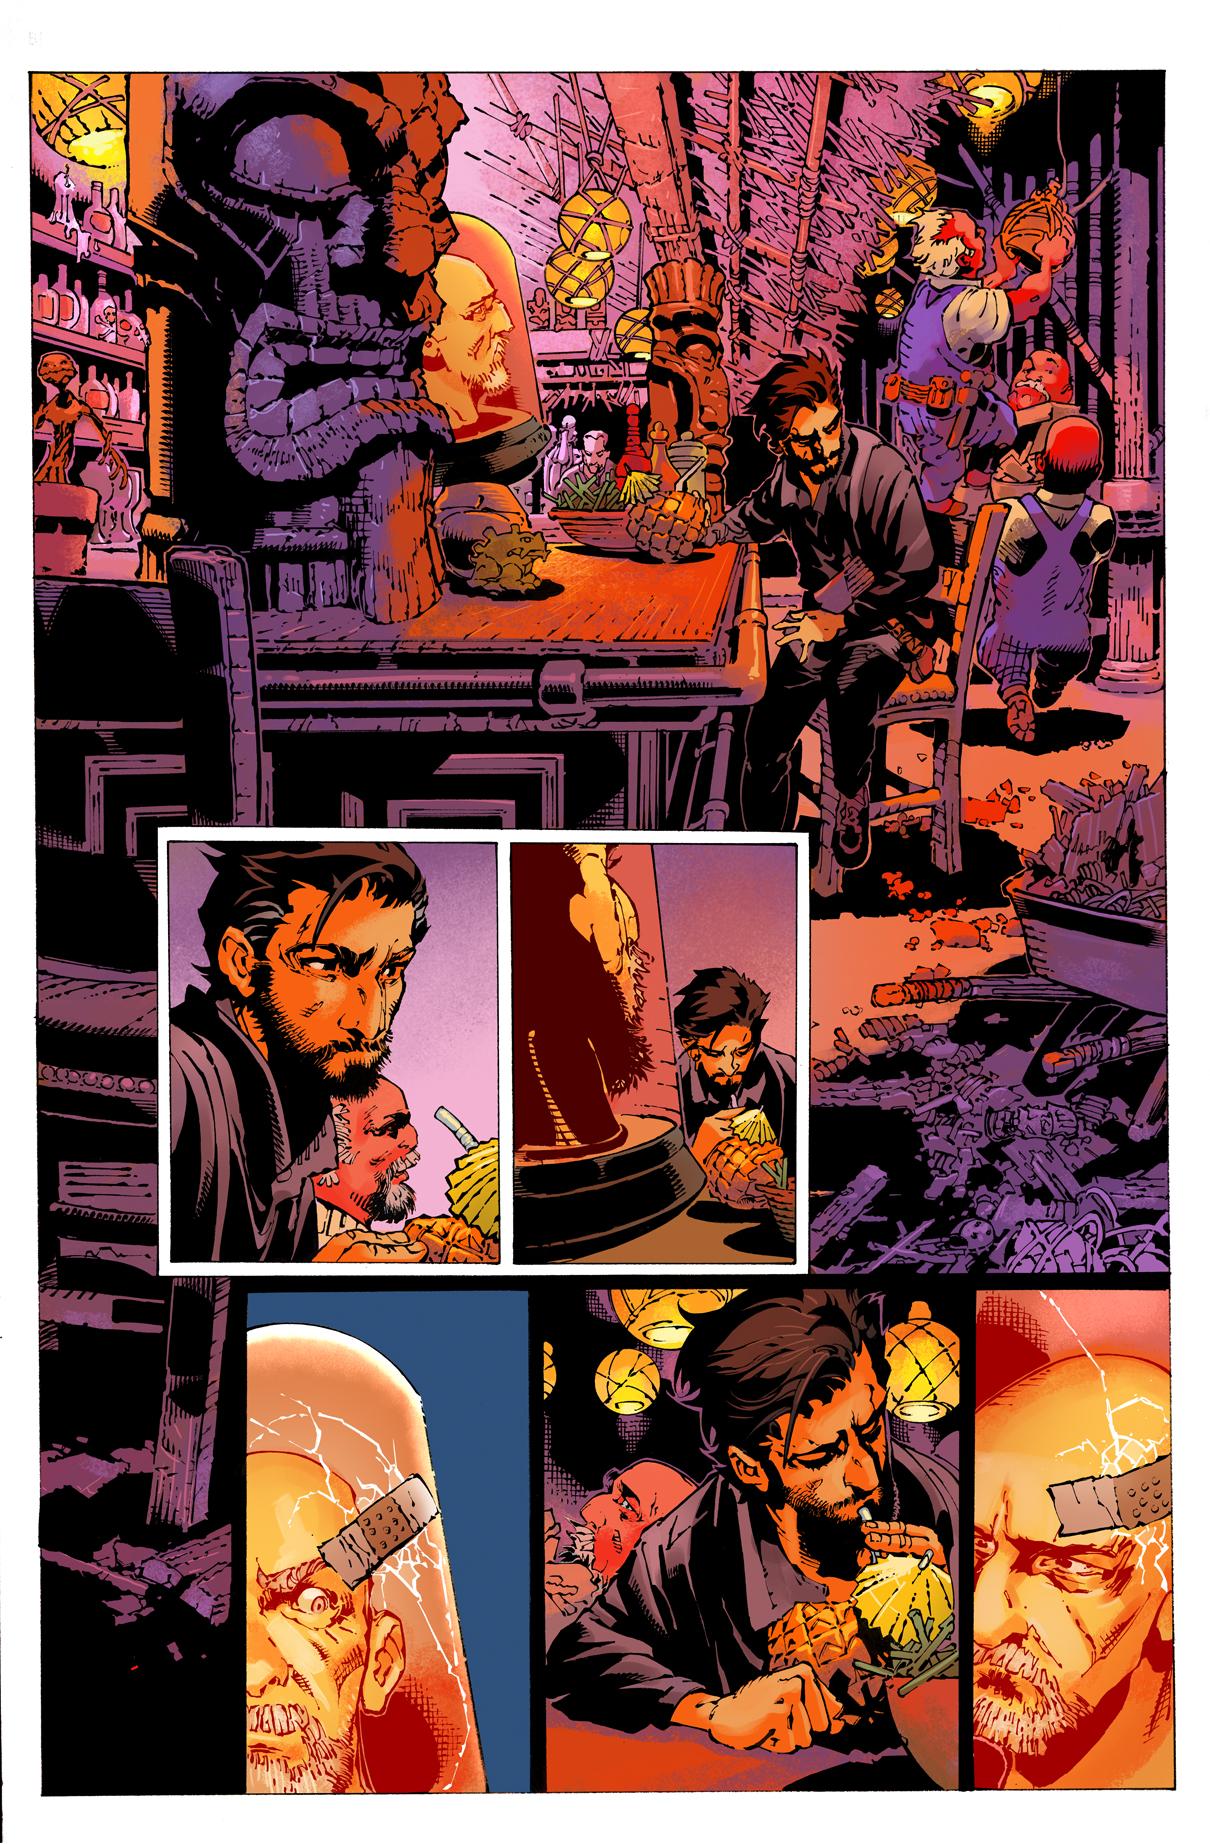 DOCTOR STRANGE #12 page 2